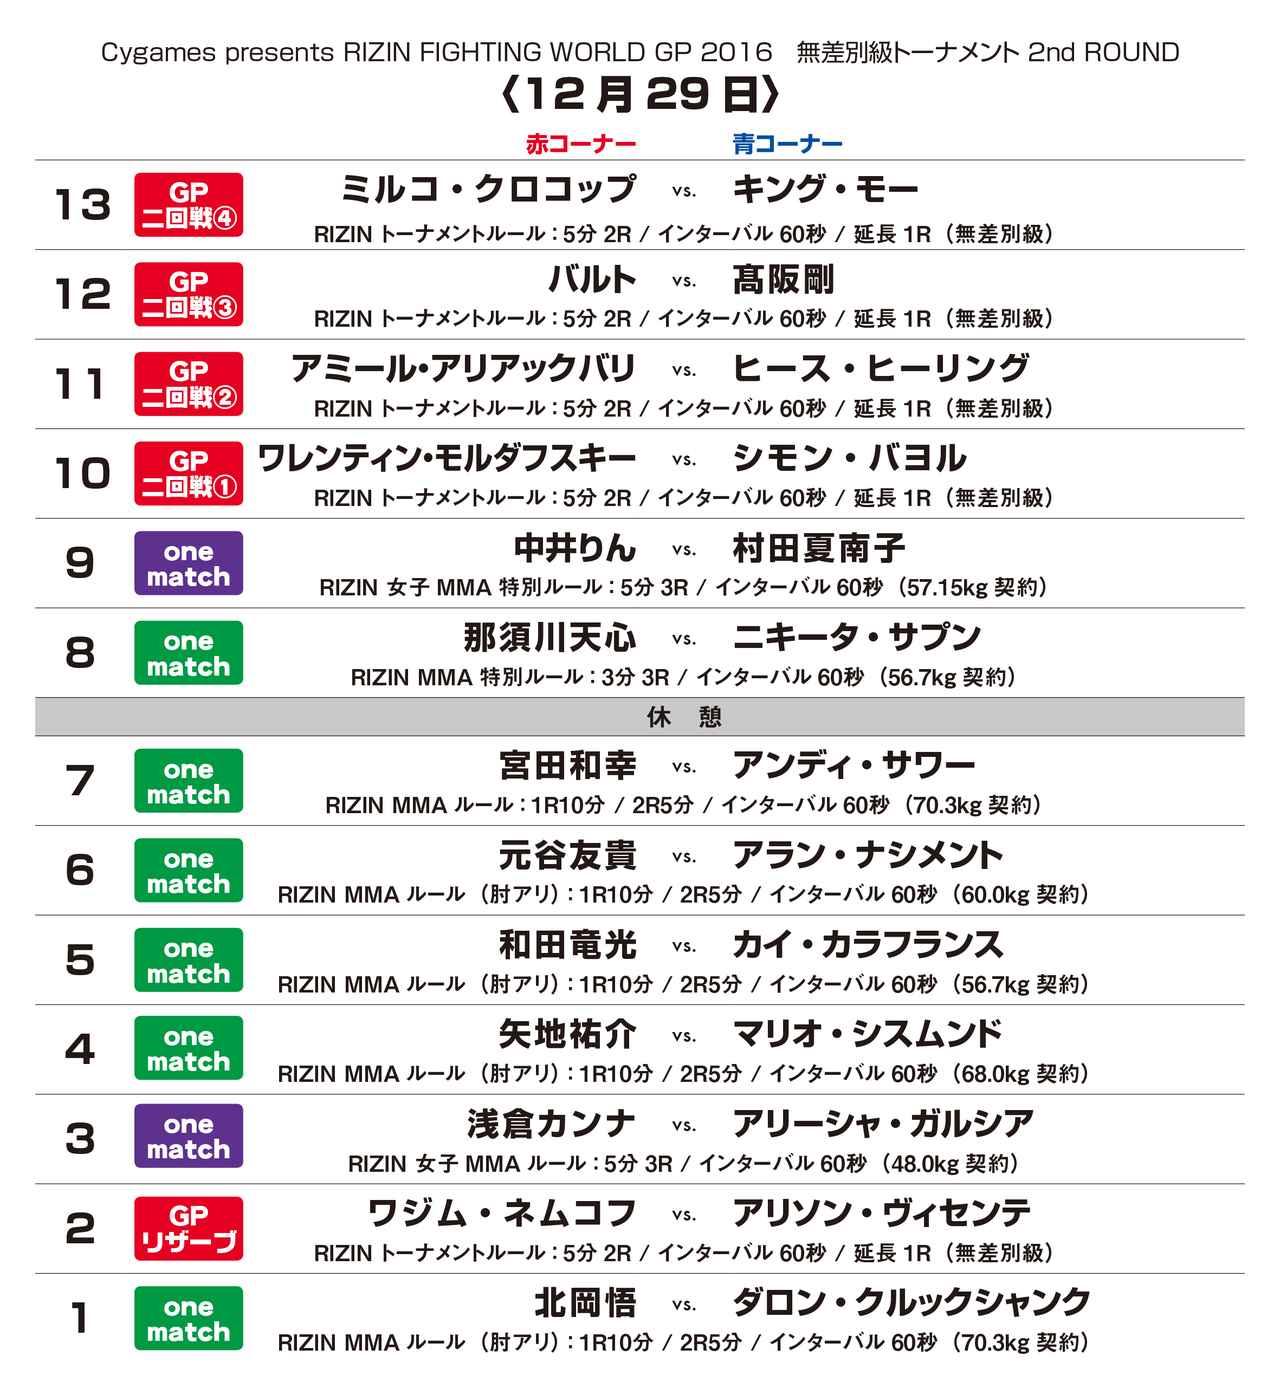 画像4: 2015年GP覇者 キング・モー、PRIDEファイター ヒース・ヒーリングが無差別級トーナメント電撃参戦!